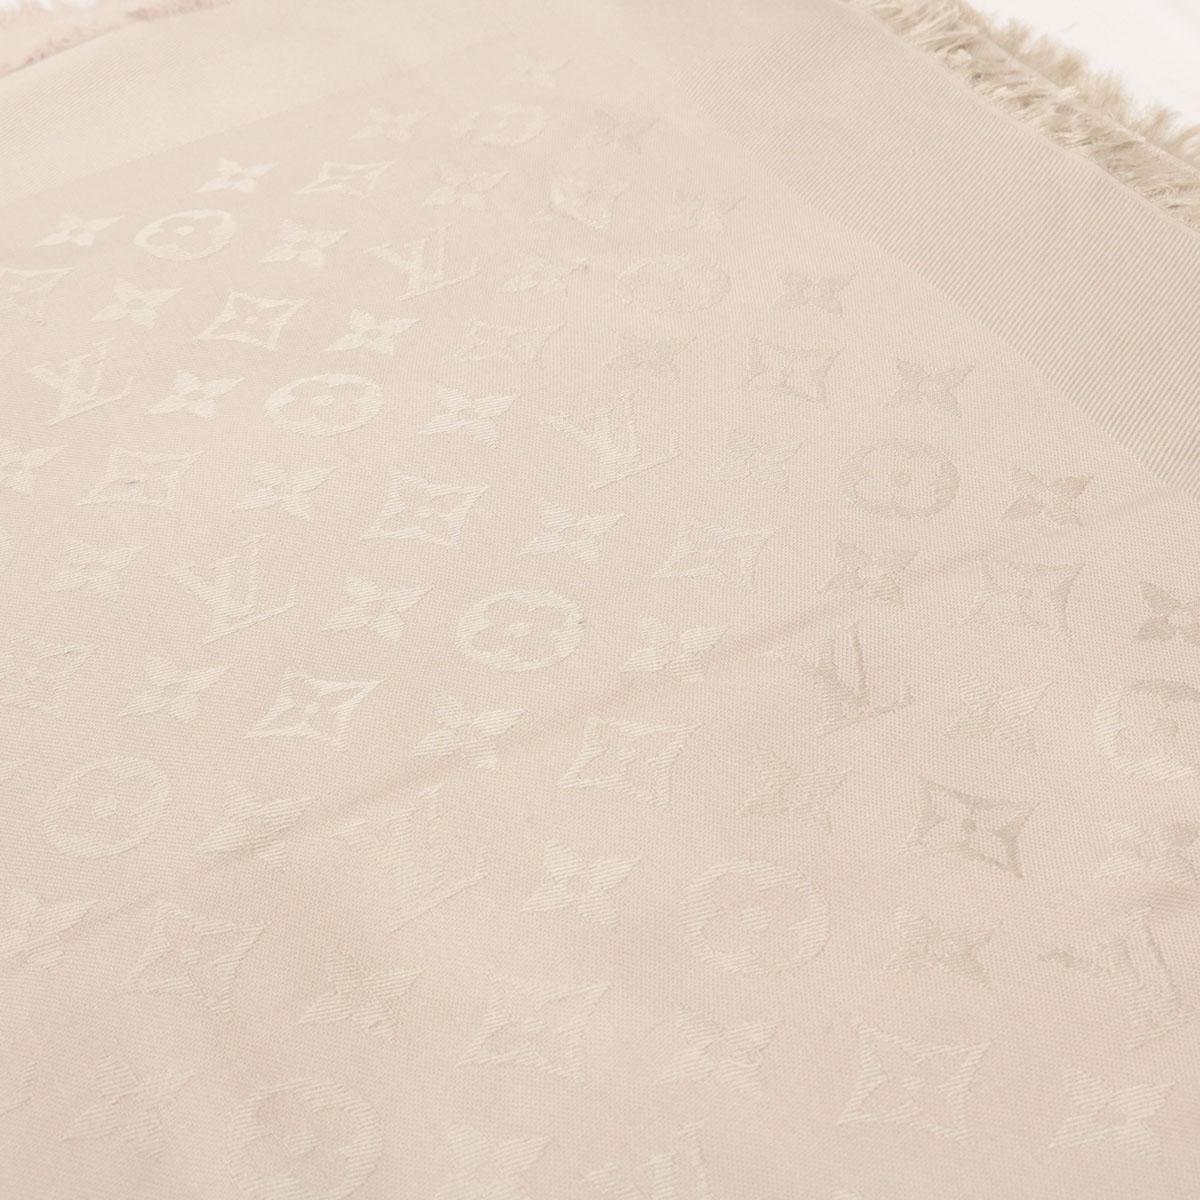 【中古】良好☆LOUIS VUITTON ルイヴィトン シルク混 大判ストール☆  グレージュ/グレー/ベージュ/モノグラム/ロゴ/スカーフ/秋/冬/16650-SF1018